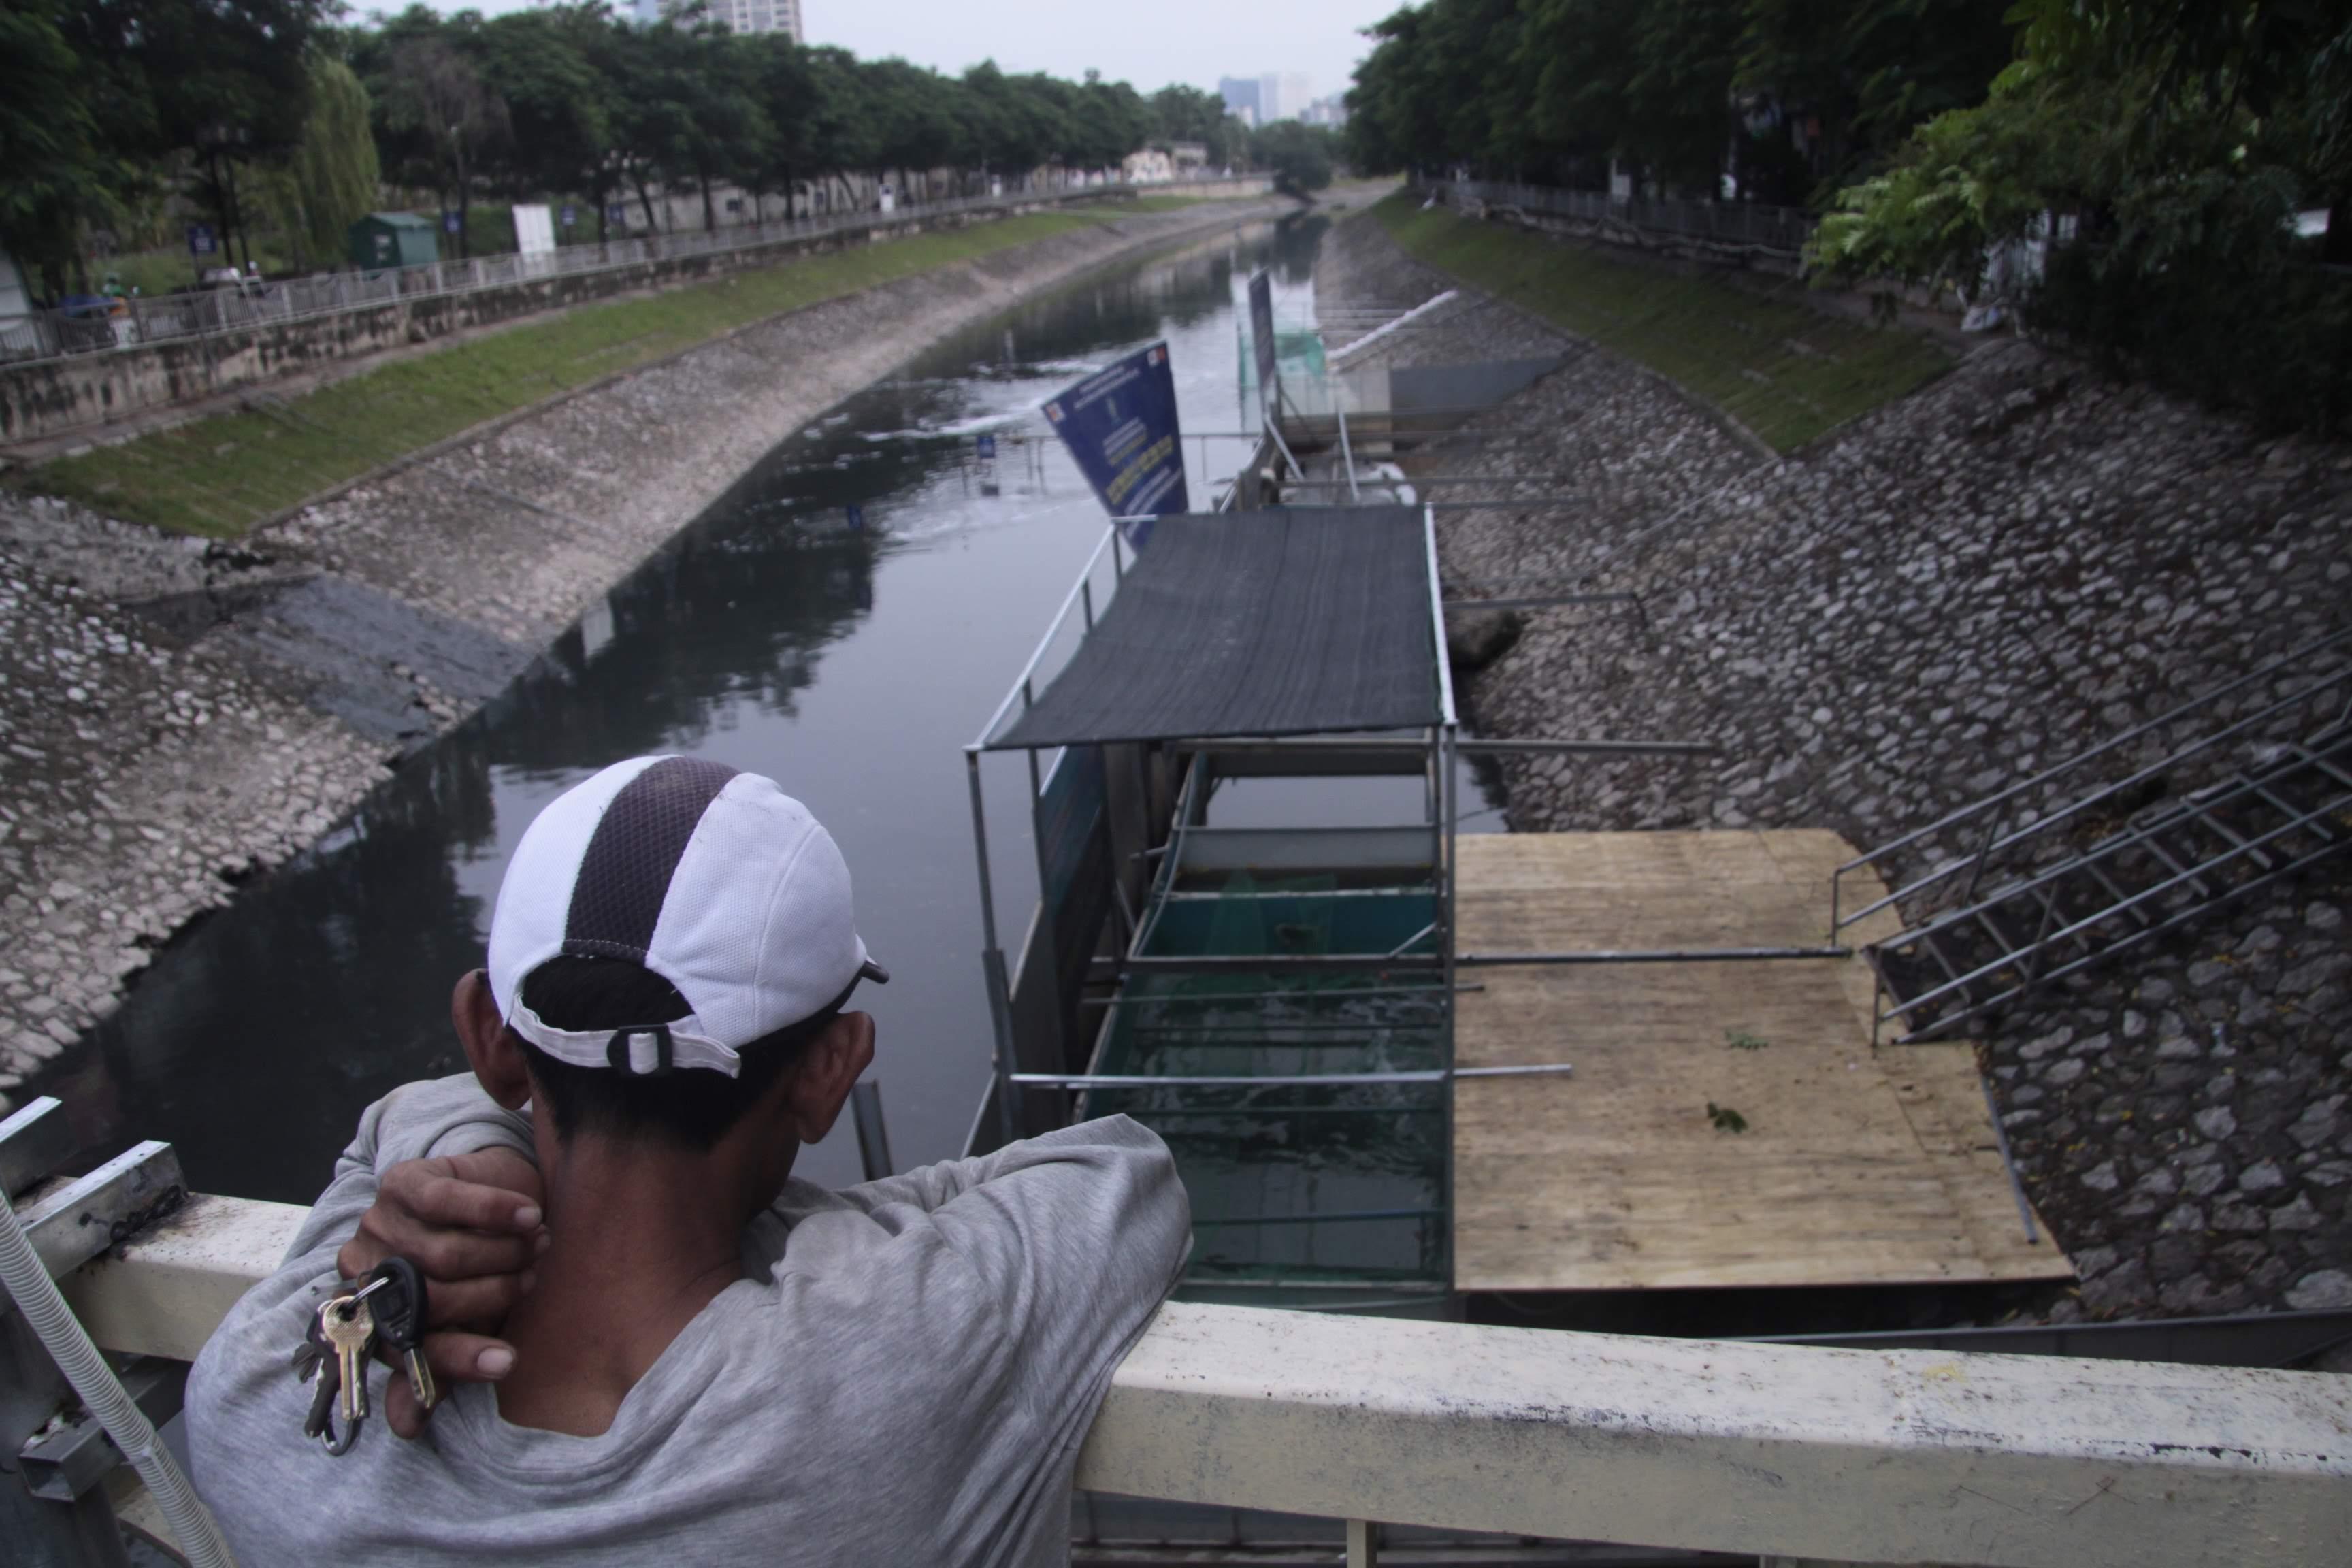 Camera canh giữ ngày đêm, cá koi Nhật vẫn chết trên sông Tô Lịch